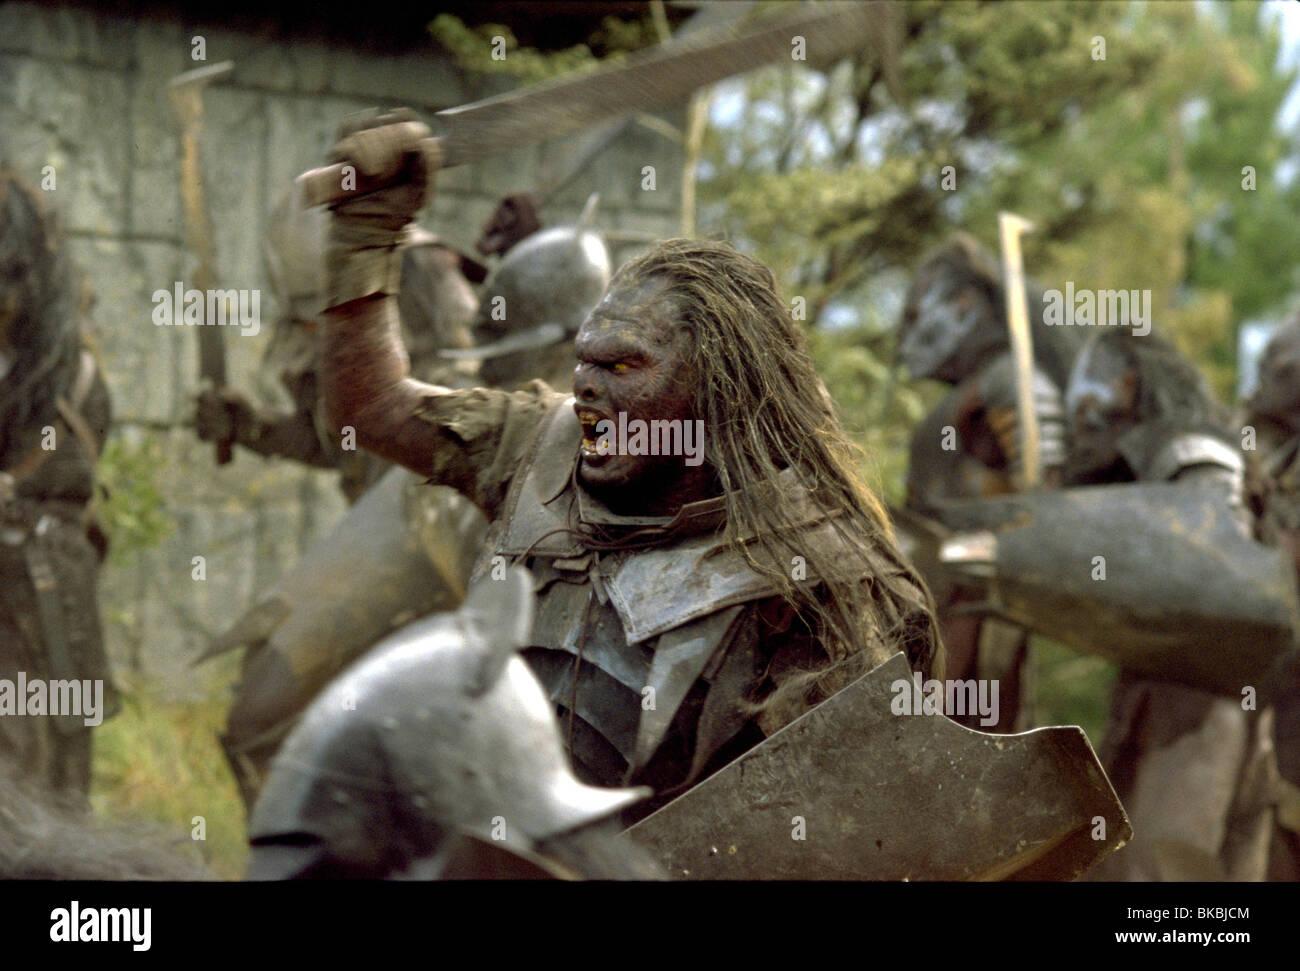 Il Signore degli Anelli: La compagnia dell'anello (2001) CDA 001-30 Immagini Stock